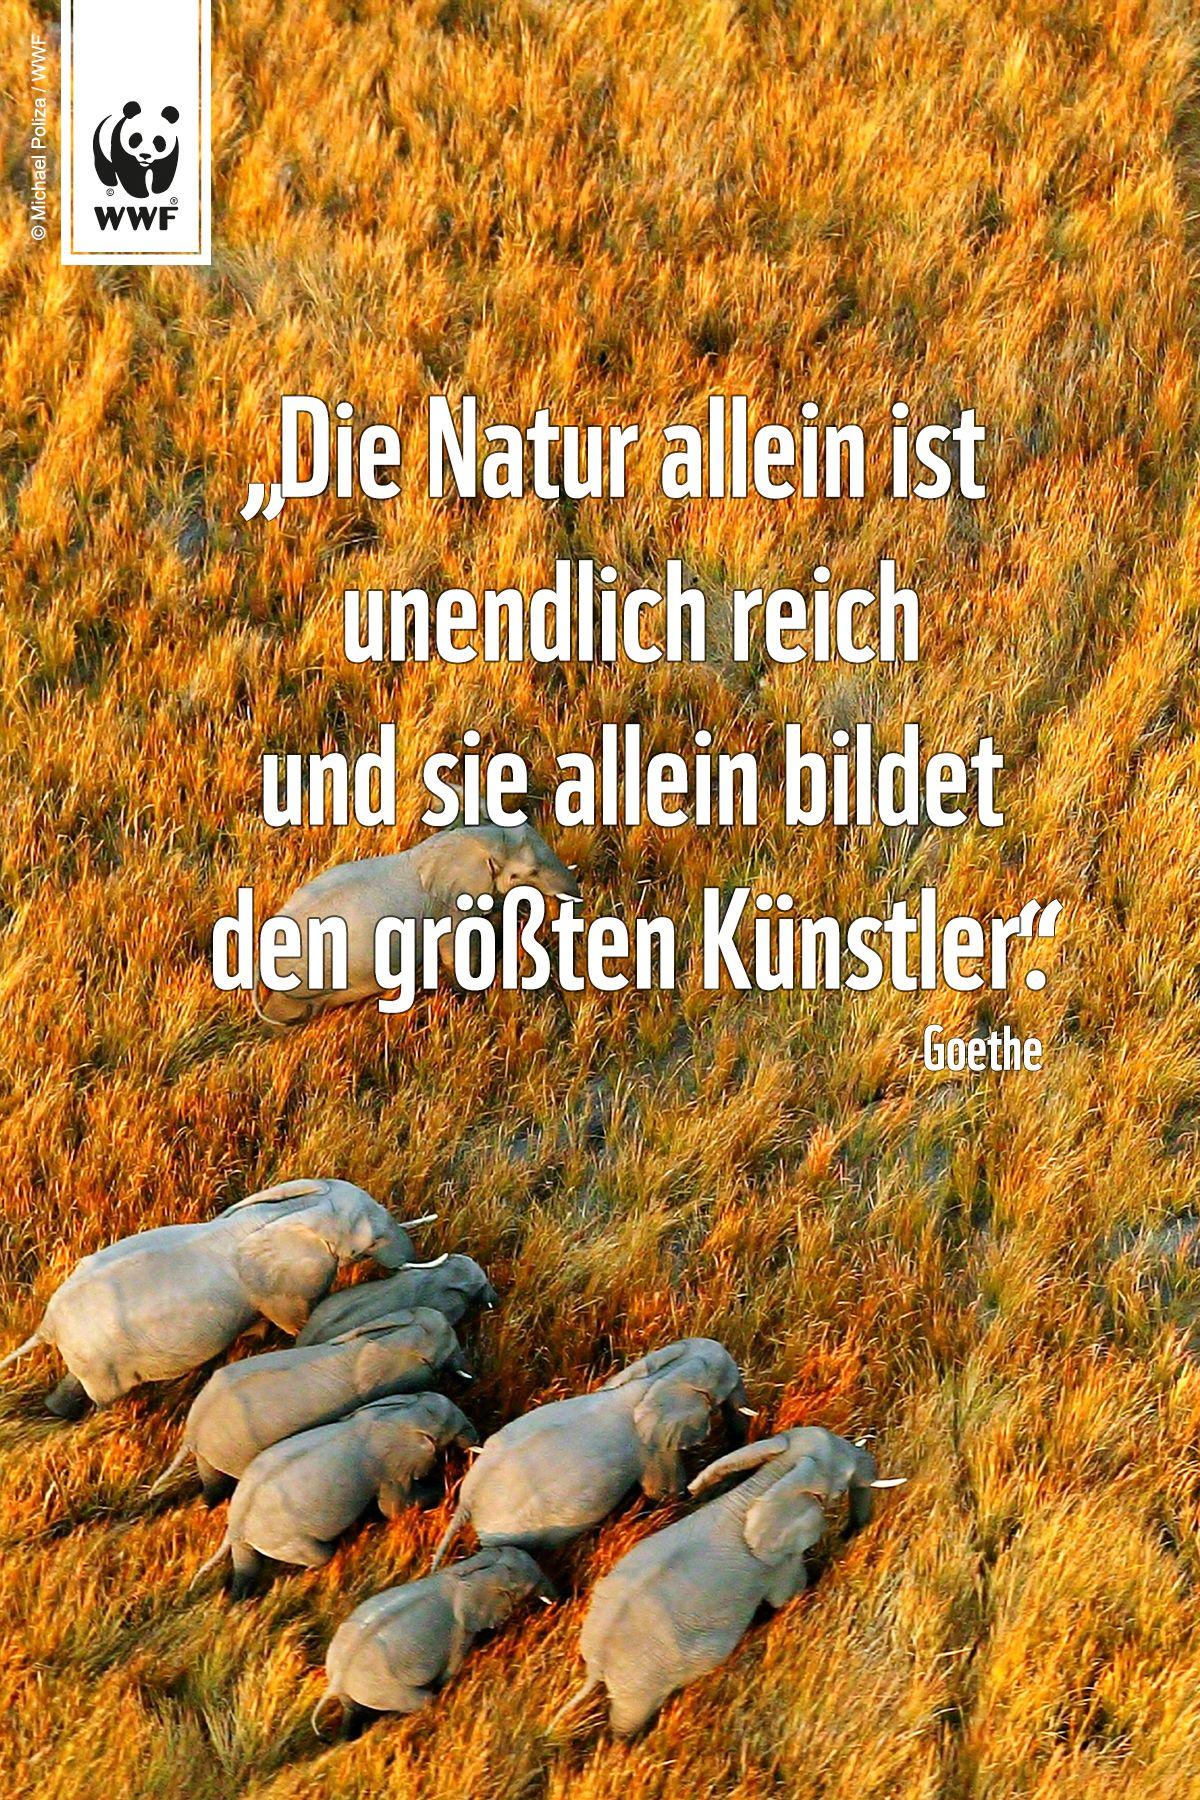 Zitat Zum Sonntag Schone Spruche Zitate Gedanken Natur